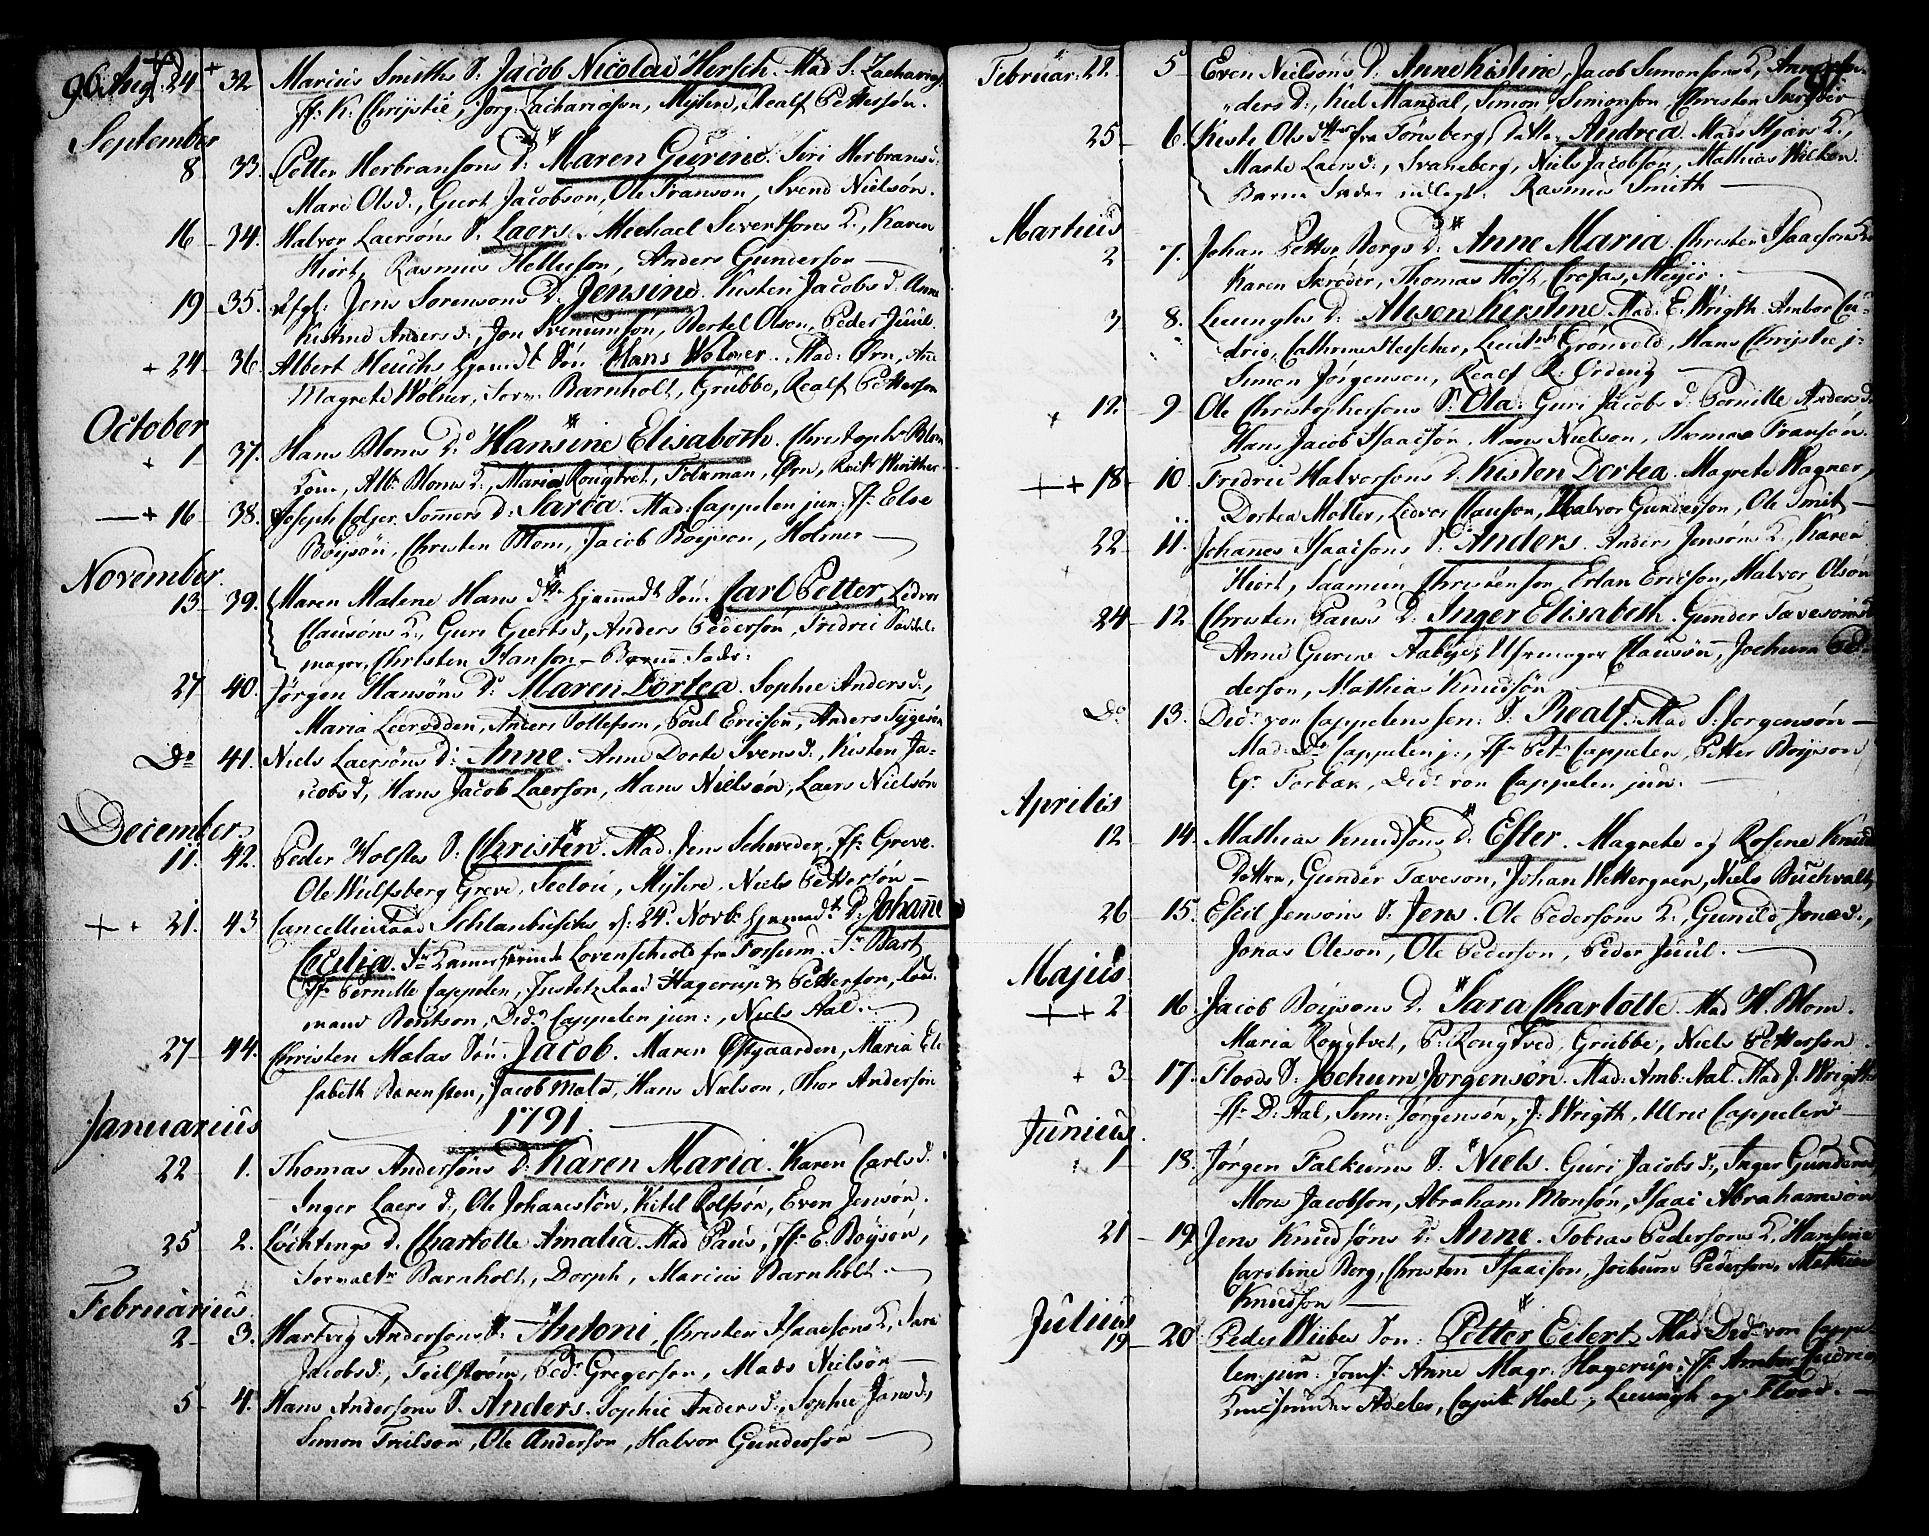 SAKO, Skien kirkebøker, F/Fa/L0003: Ministerialbok nr. 3, 1755-1791, s. 96-97